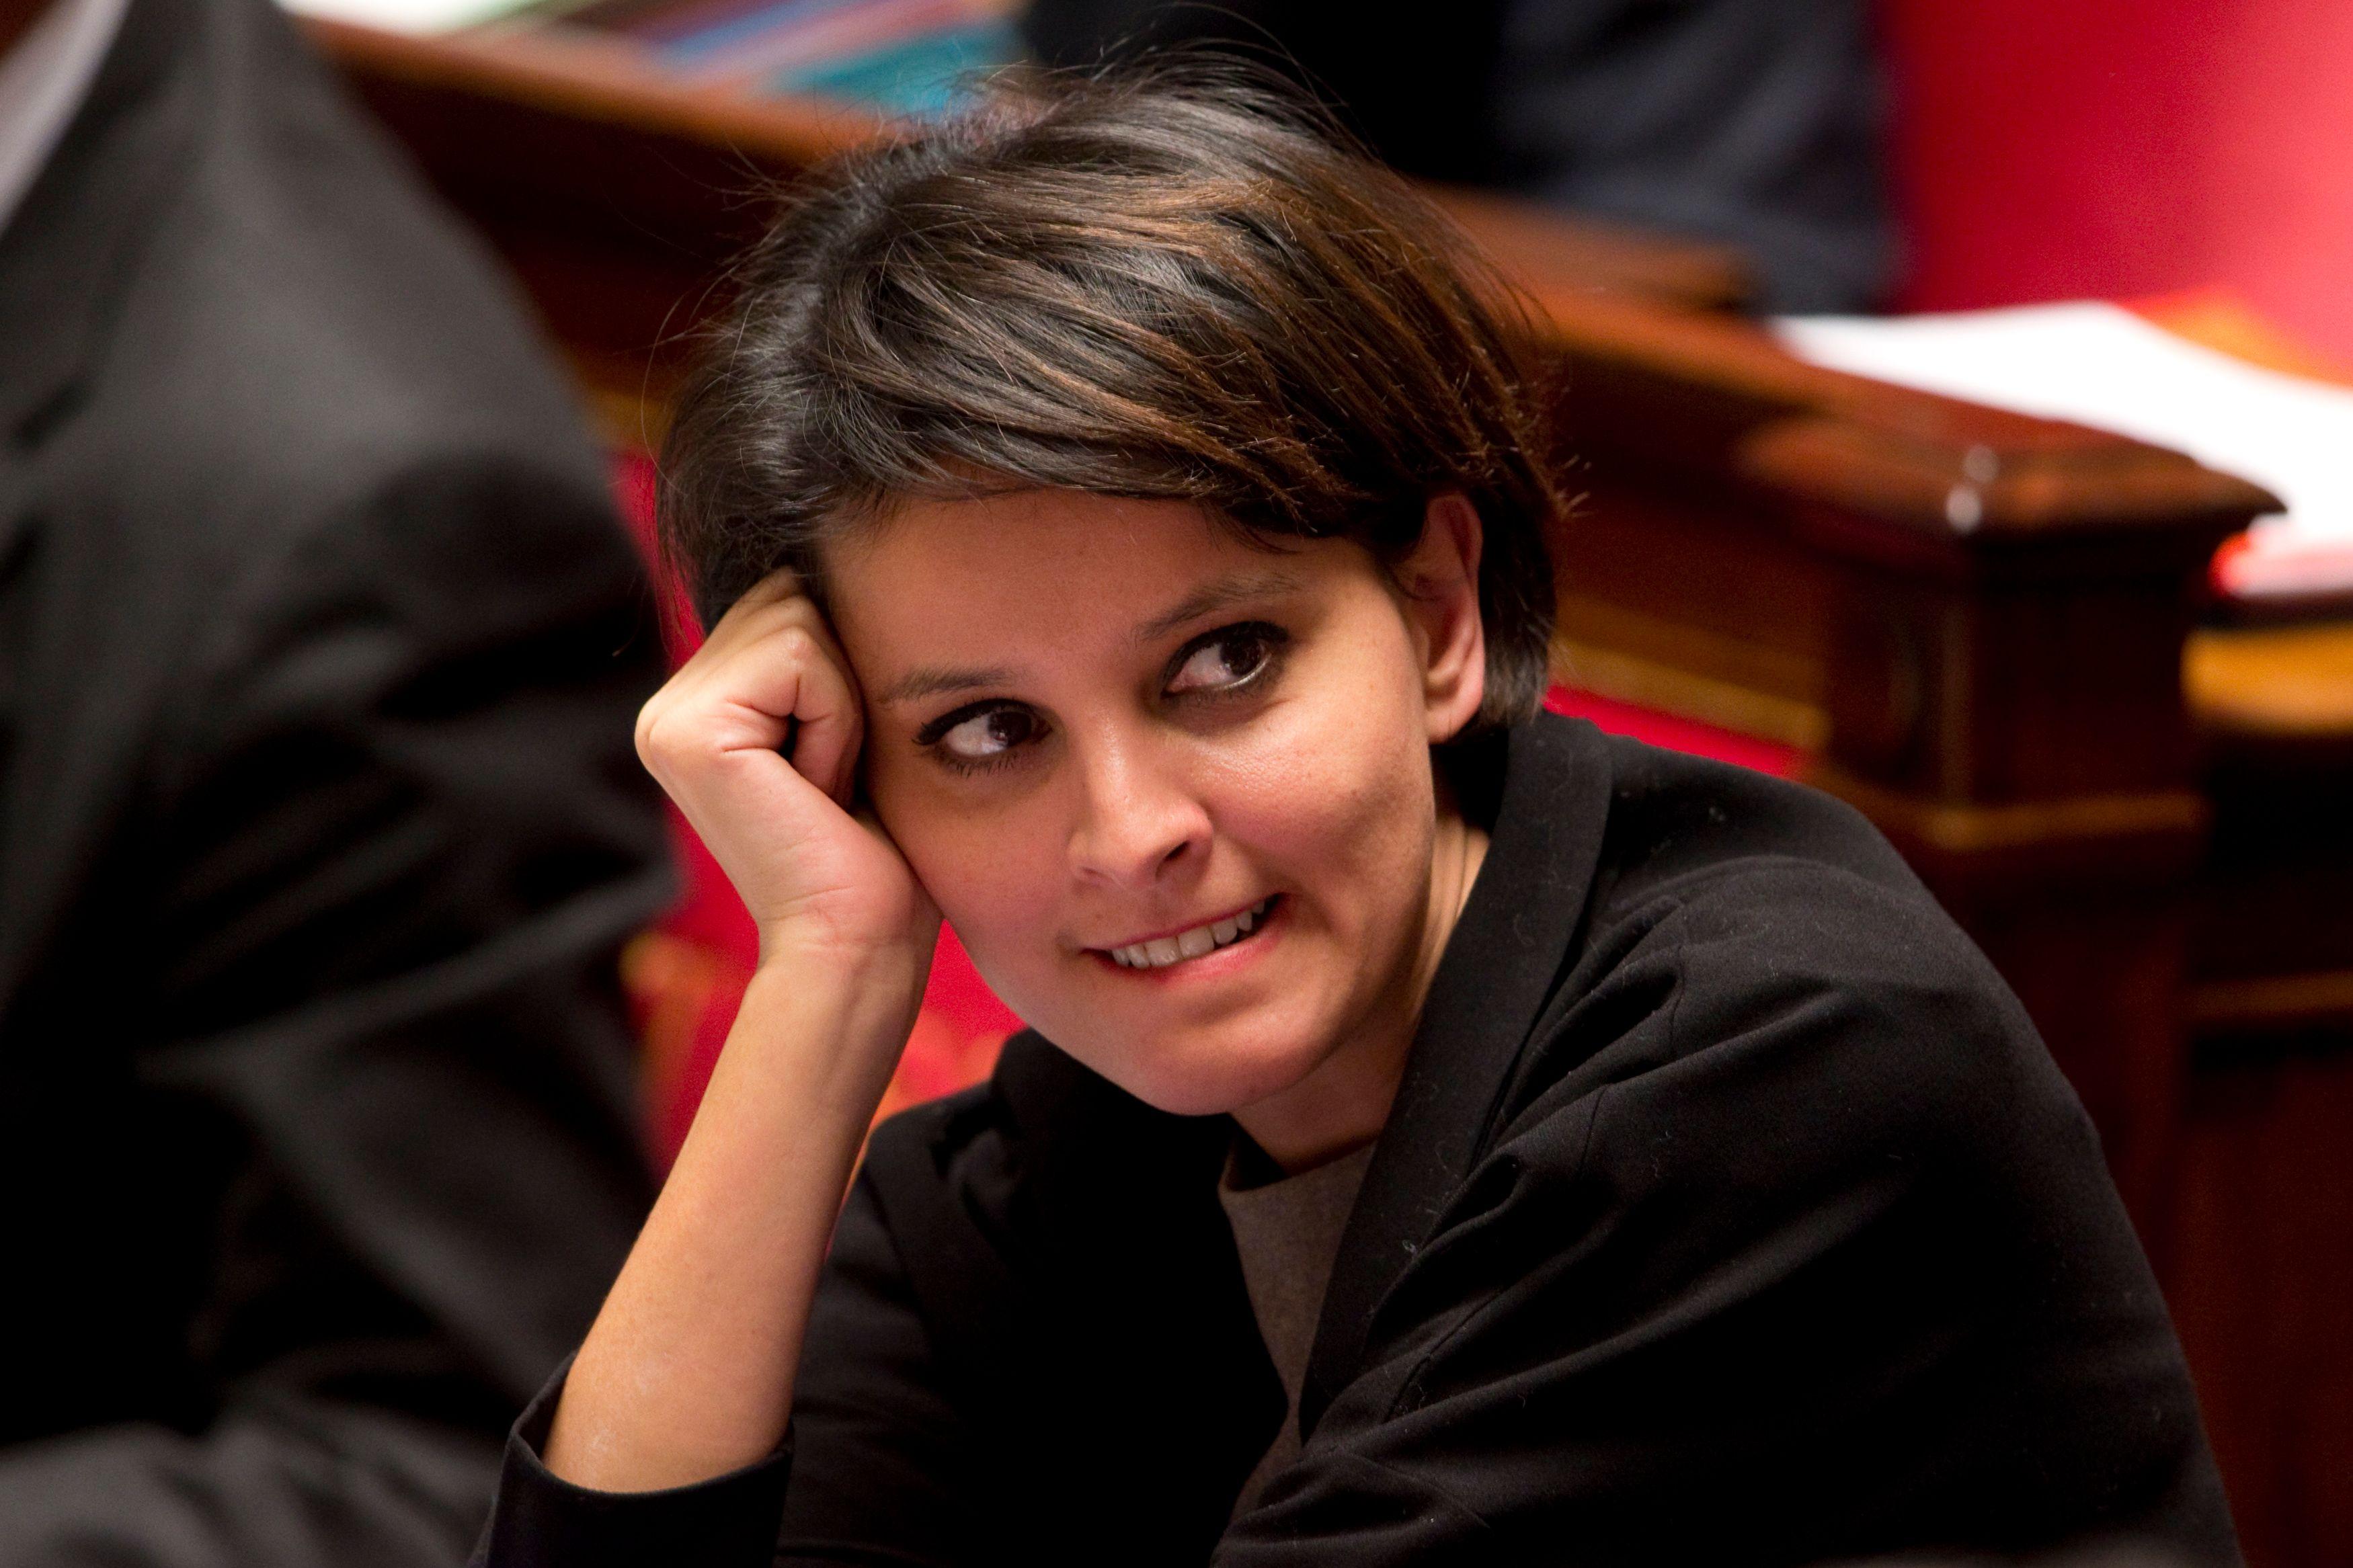 Pour Najat Vallaud-Belkacem, ministre de l'Éducation Nationale, il semblerait que l'Éducation Nationale n'ait pas été informée de cette condamnation.